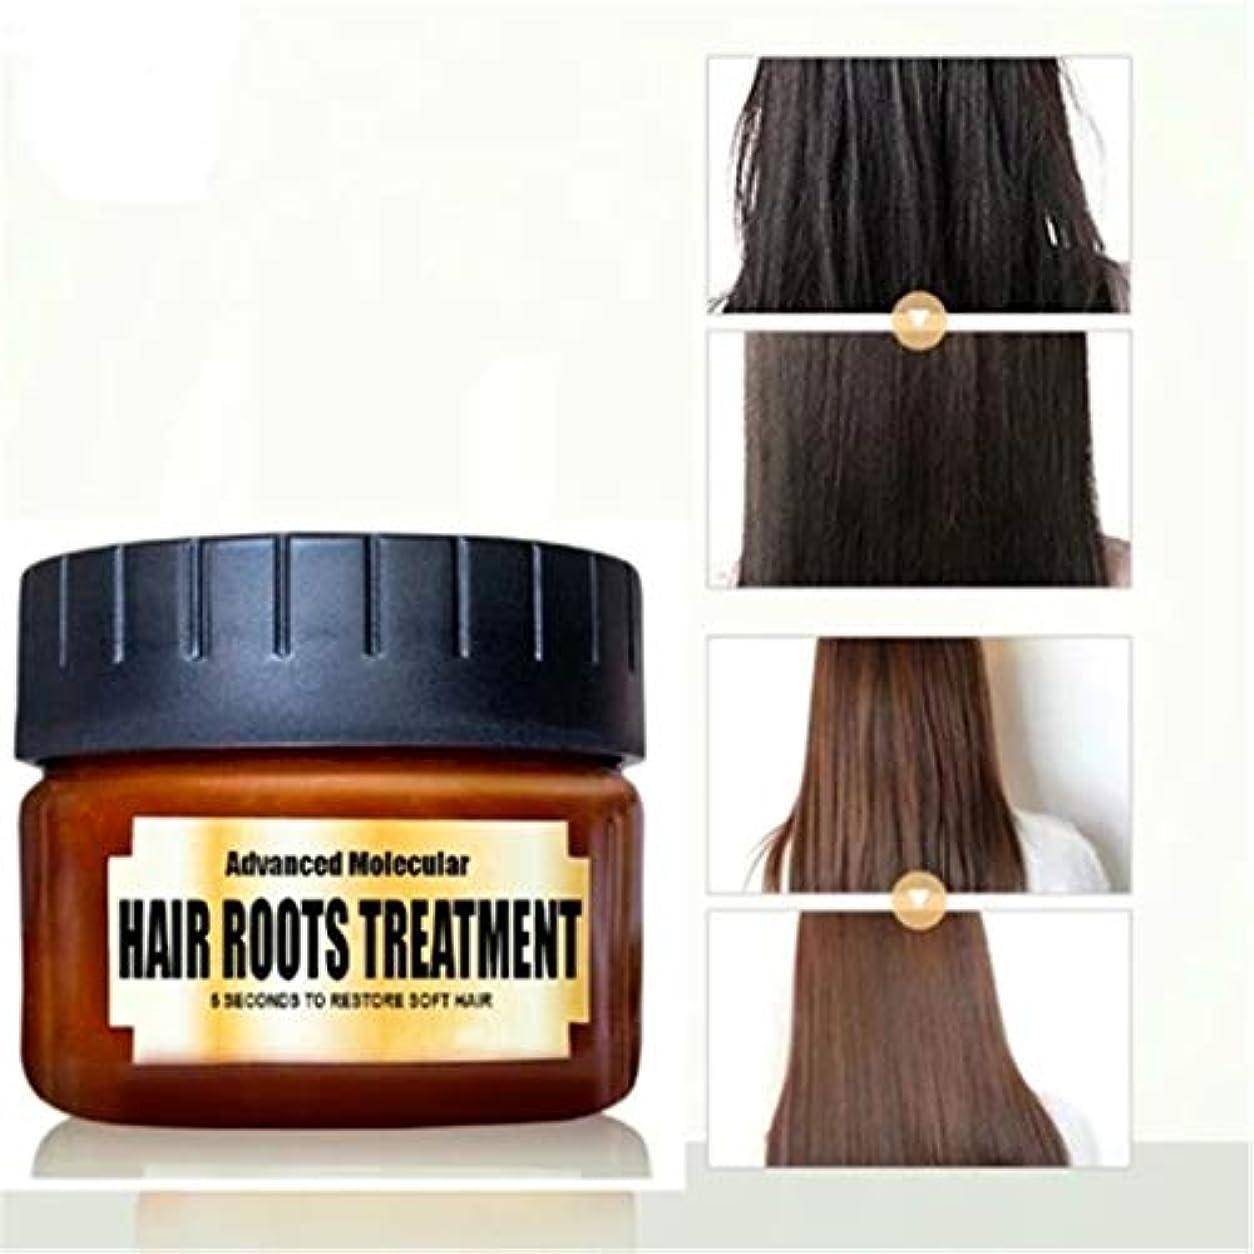 絶対に皮肉吸うコンディショナー ヘアケアコンディショナー ヘアデトキシファイングヘアマスク 高度な分子 毛根治療の回復 乾燥または損傷した髪と頭皮の治療のための髪の滑らかなしなやか (B 60 ml)